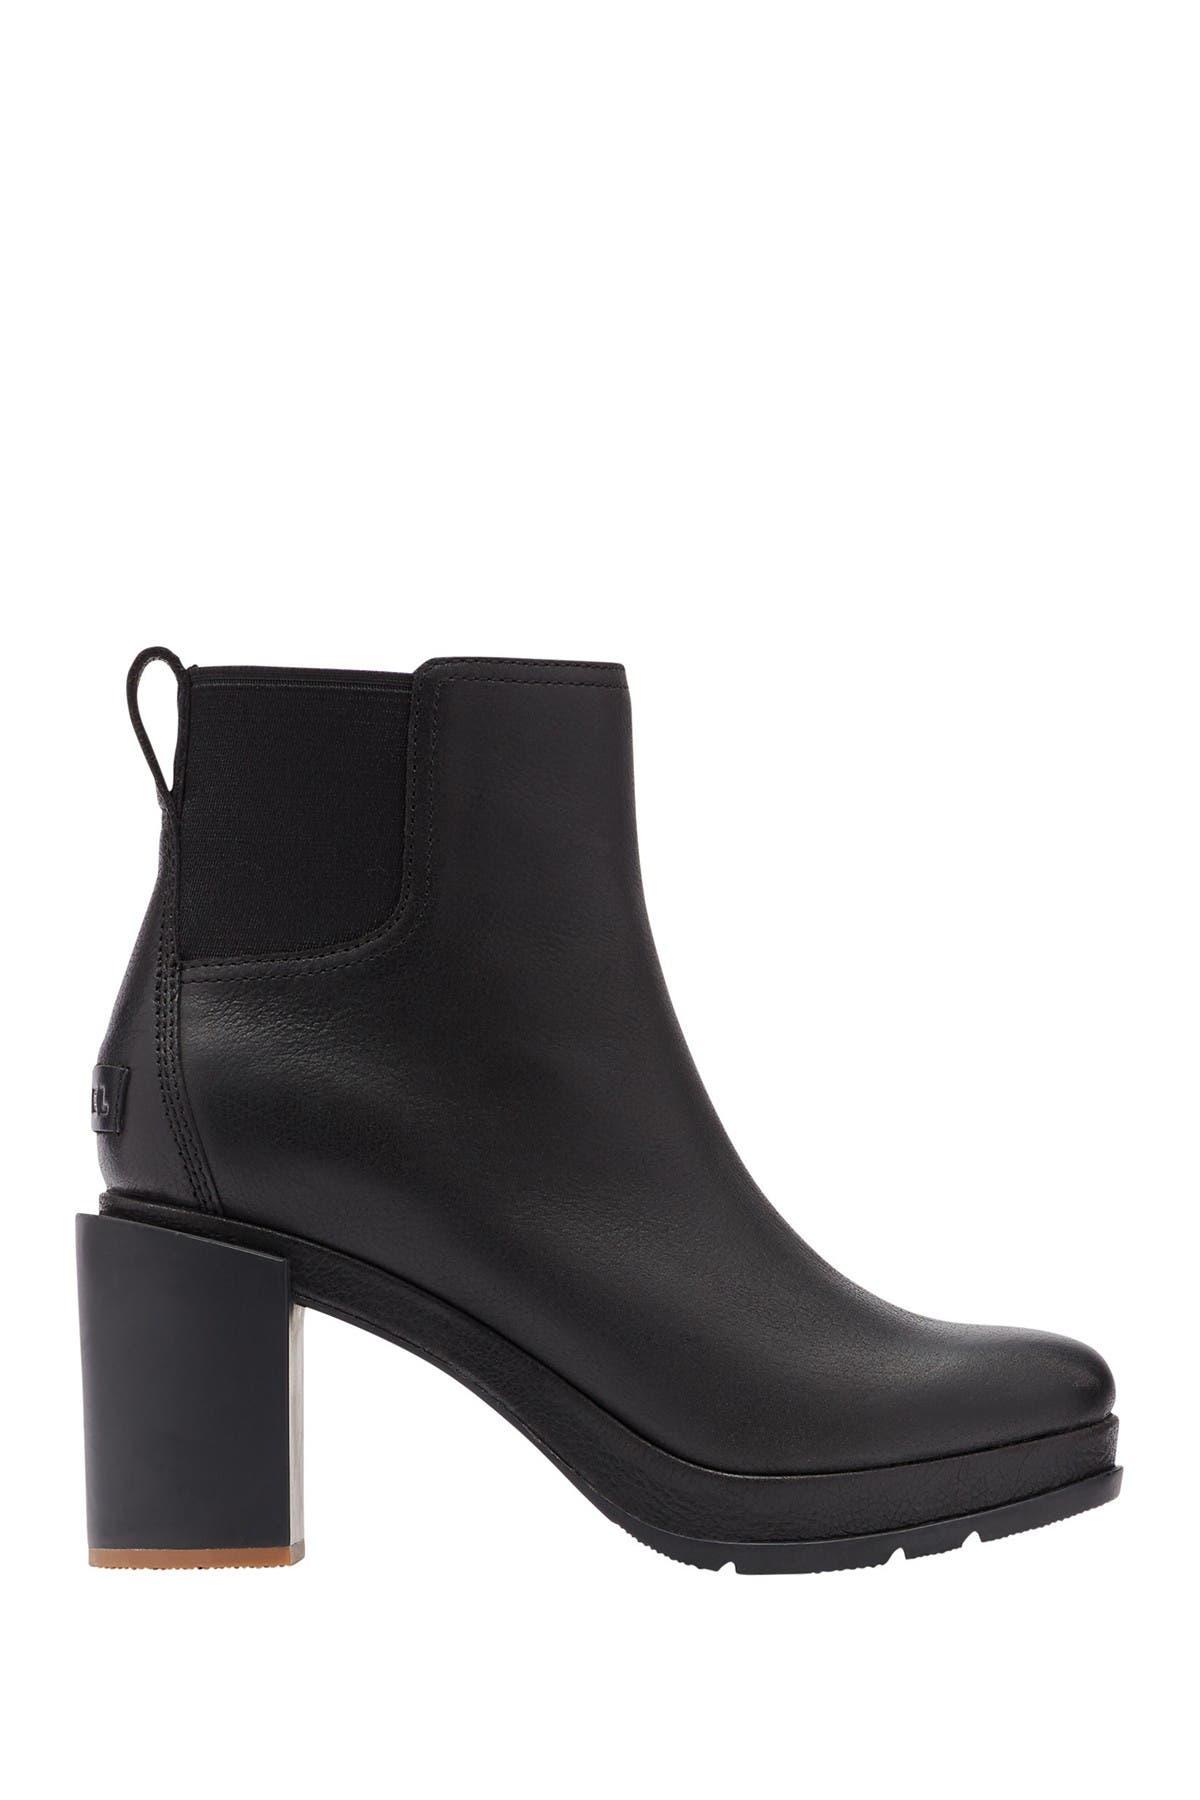 Sorel | Blake Waterproof Chelsea Boot